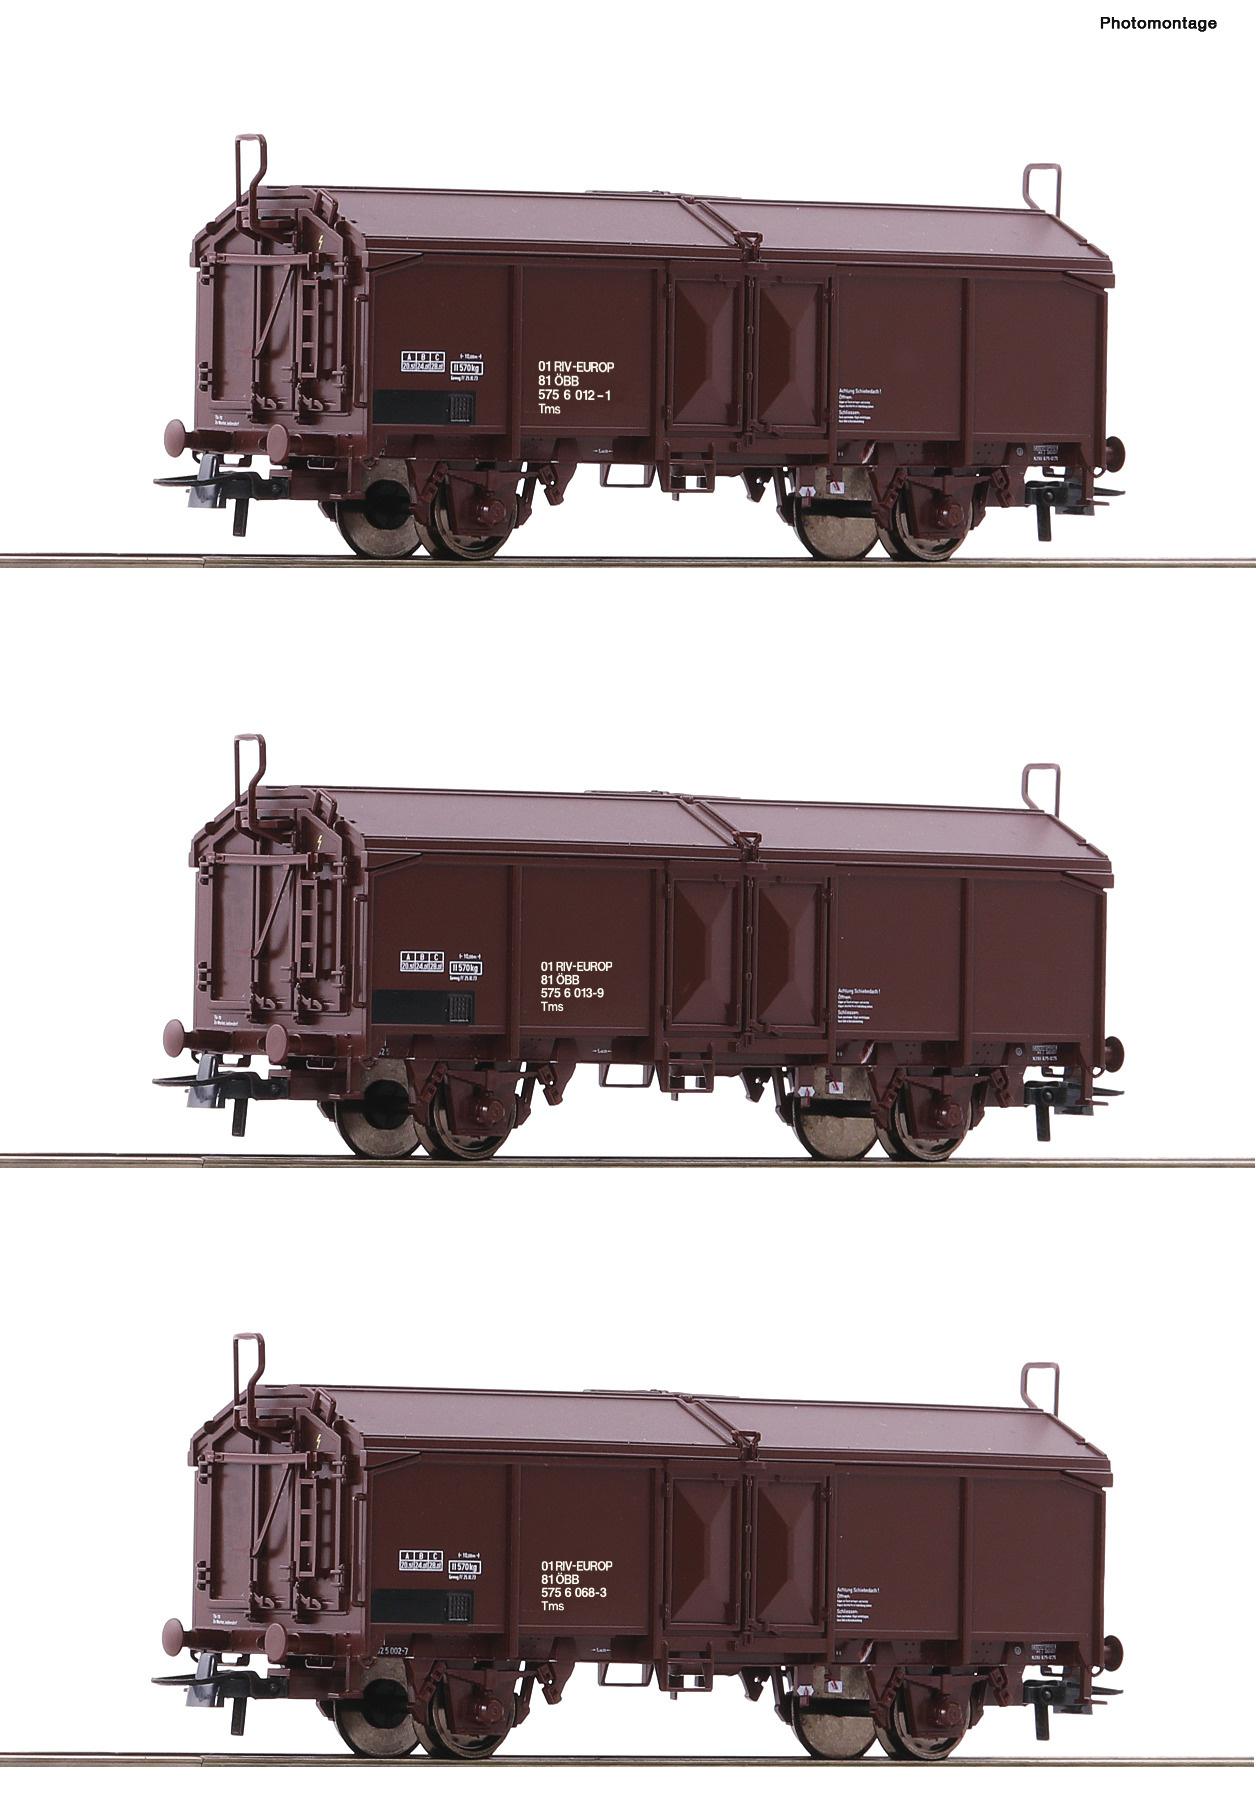 66178 3er Set Schiebd. Wag. ÖBB-1